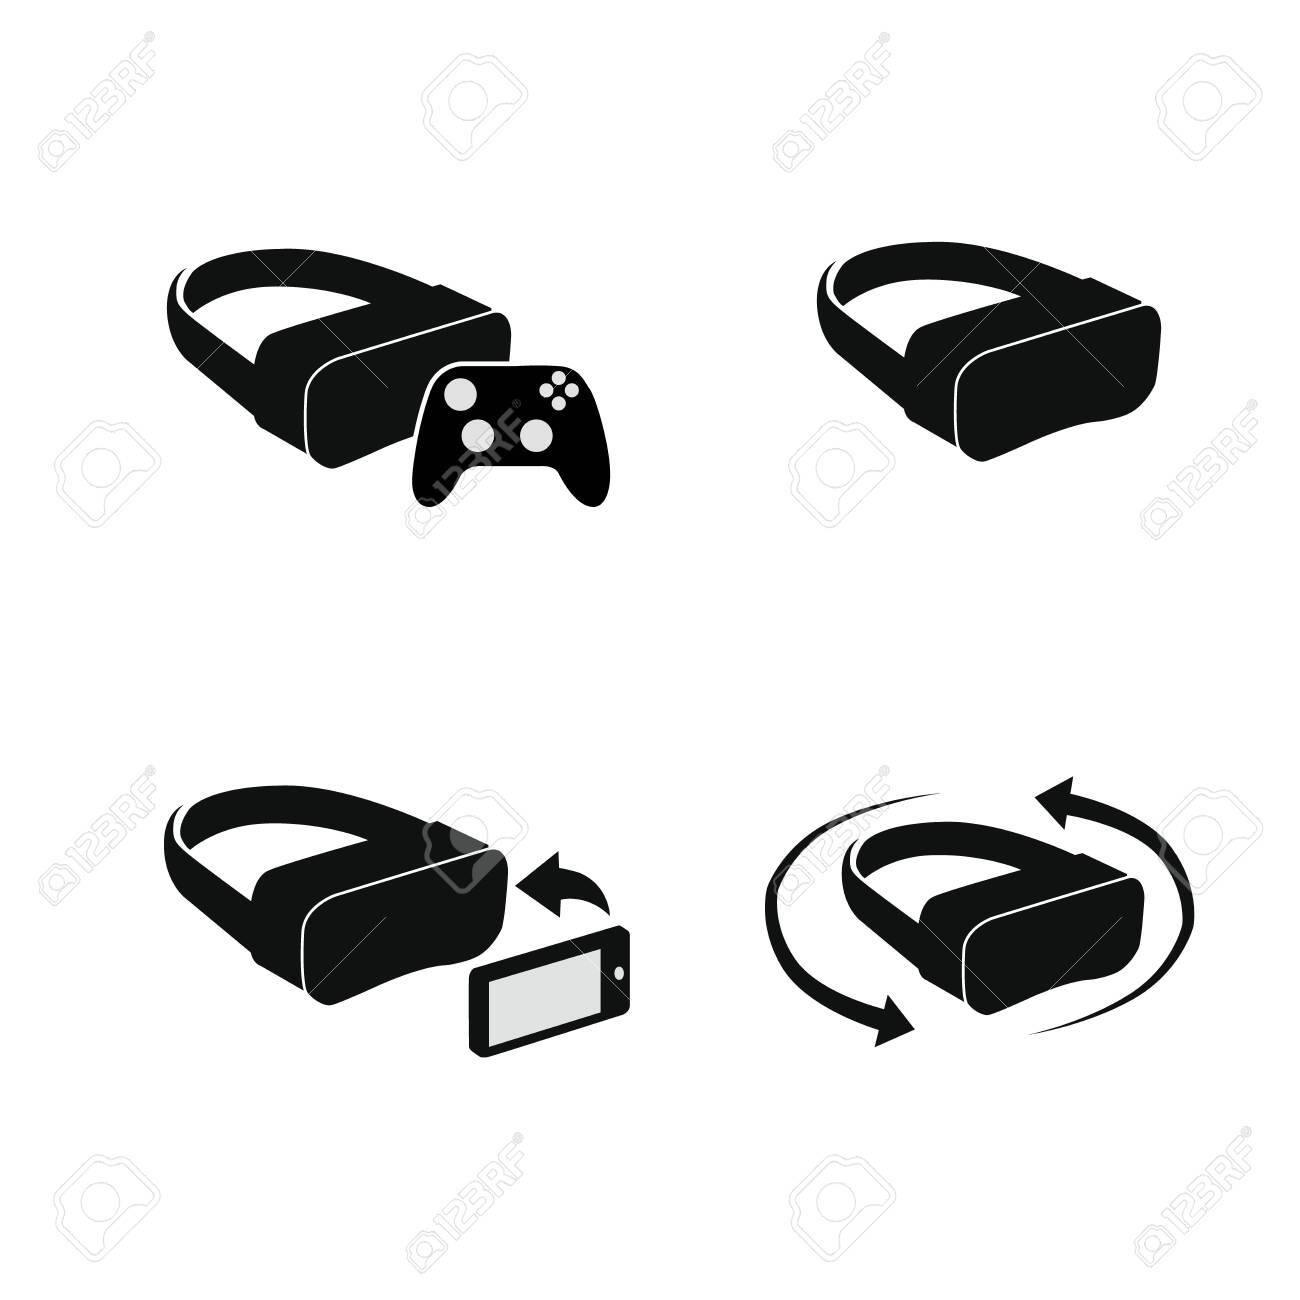 VR Helmets set. Vector illustration - 145325398